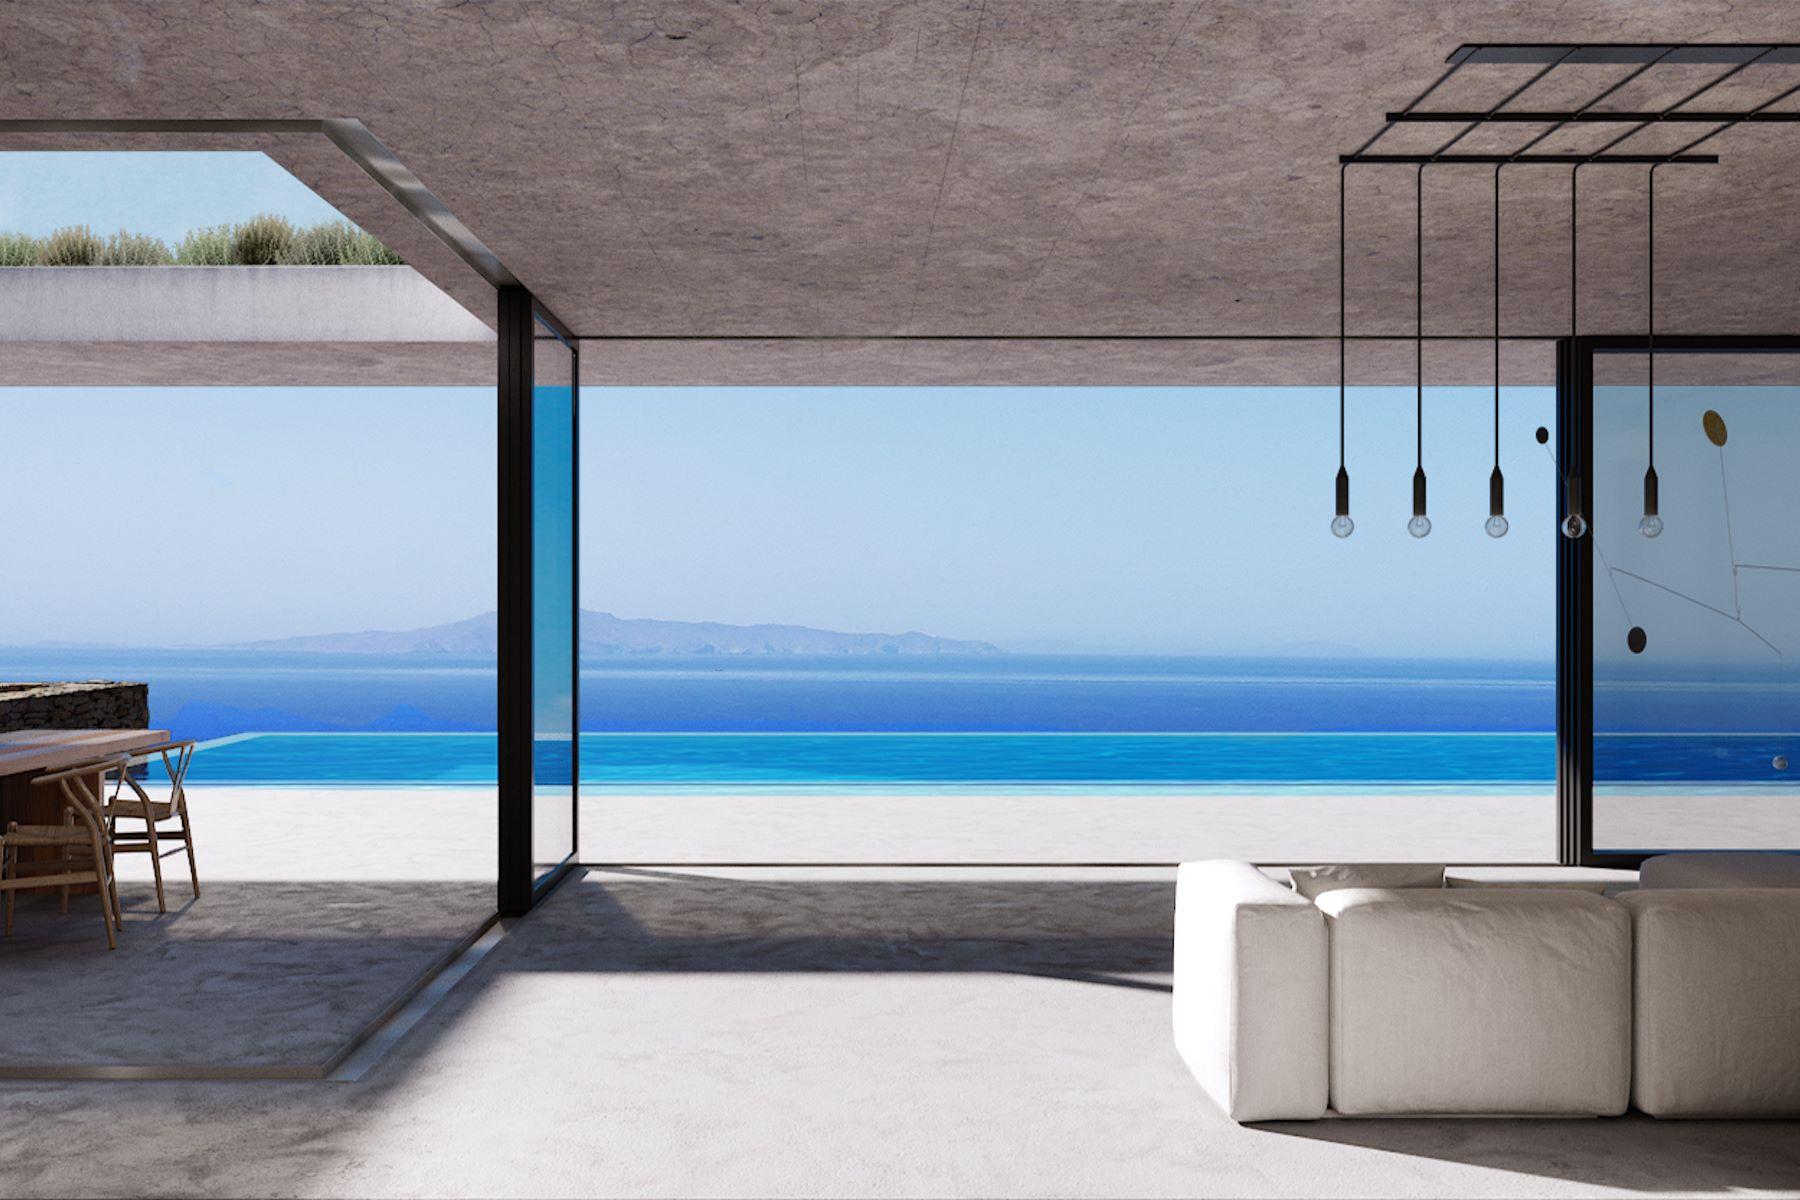 Многосемейный дом для того Продажа на Dorian Simplicity Andros, Южная Часть Эгейского Моря, Греция